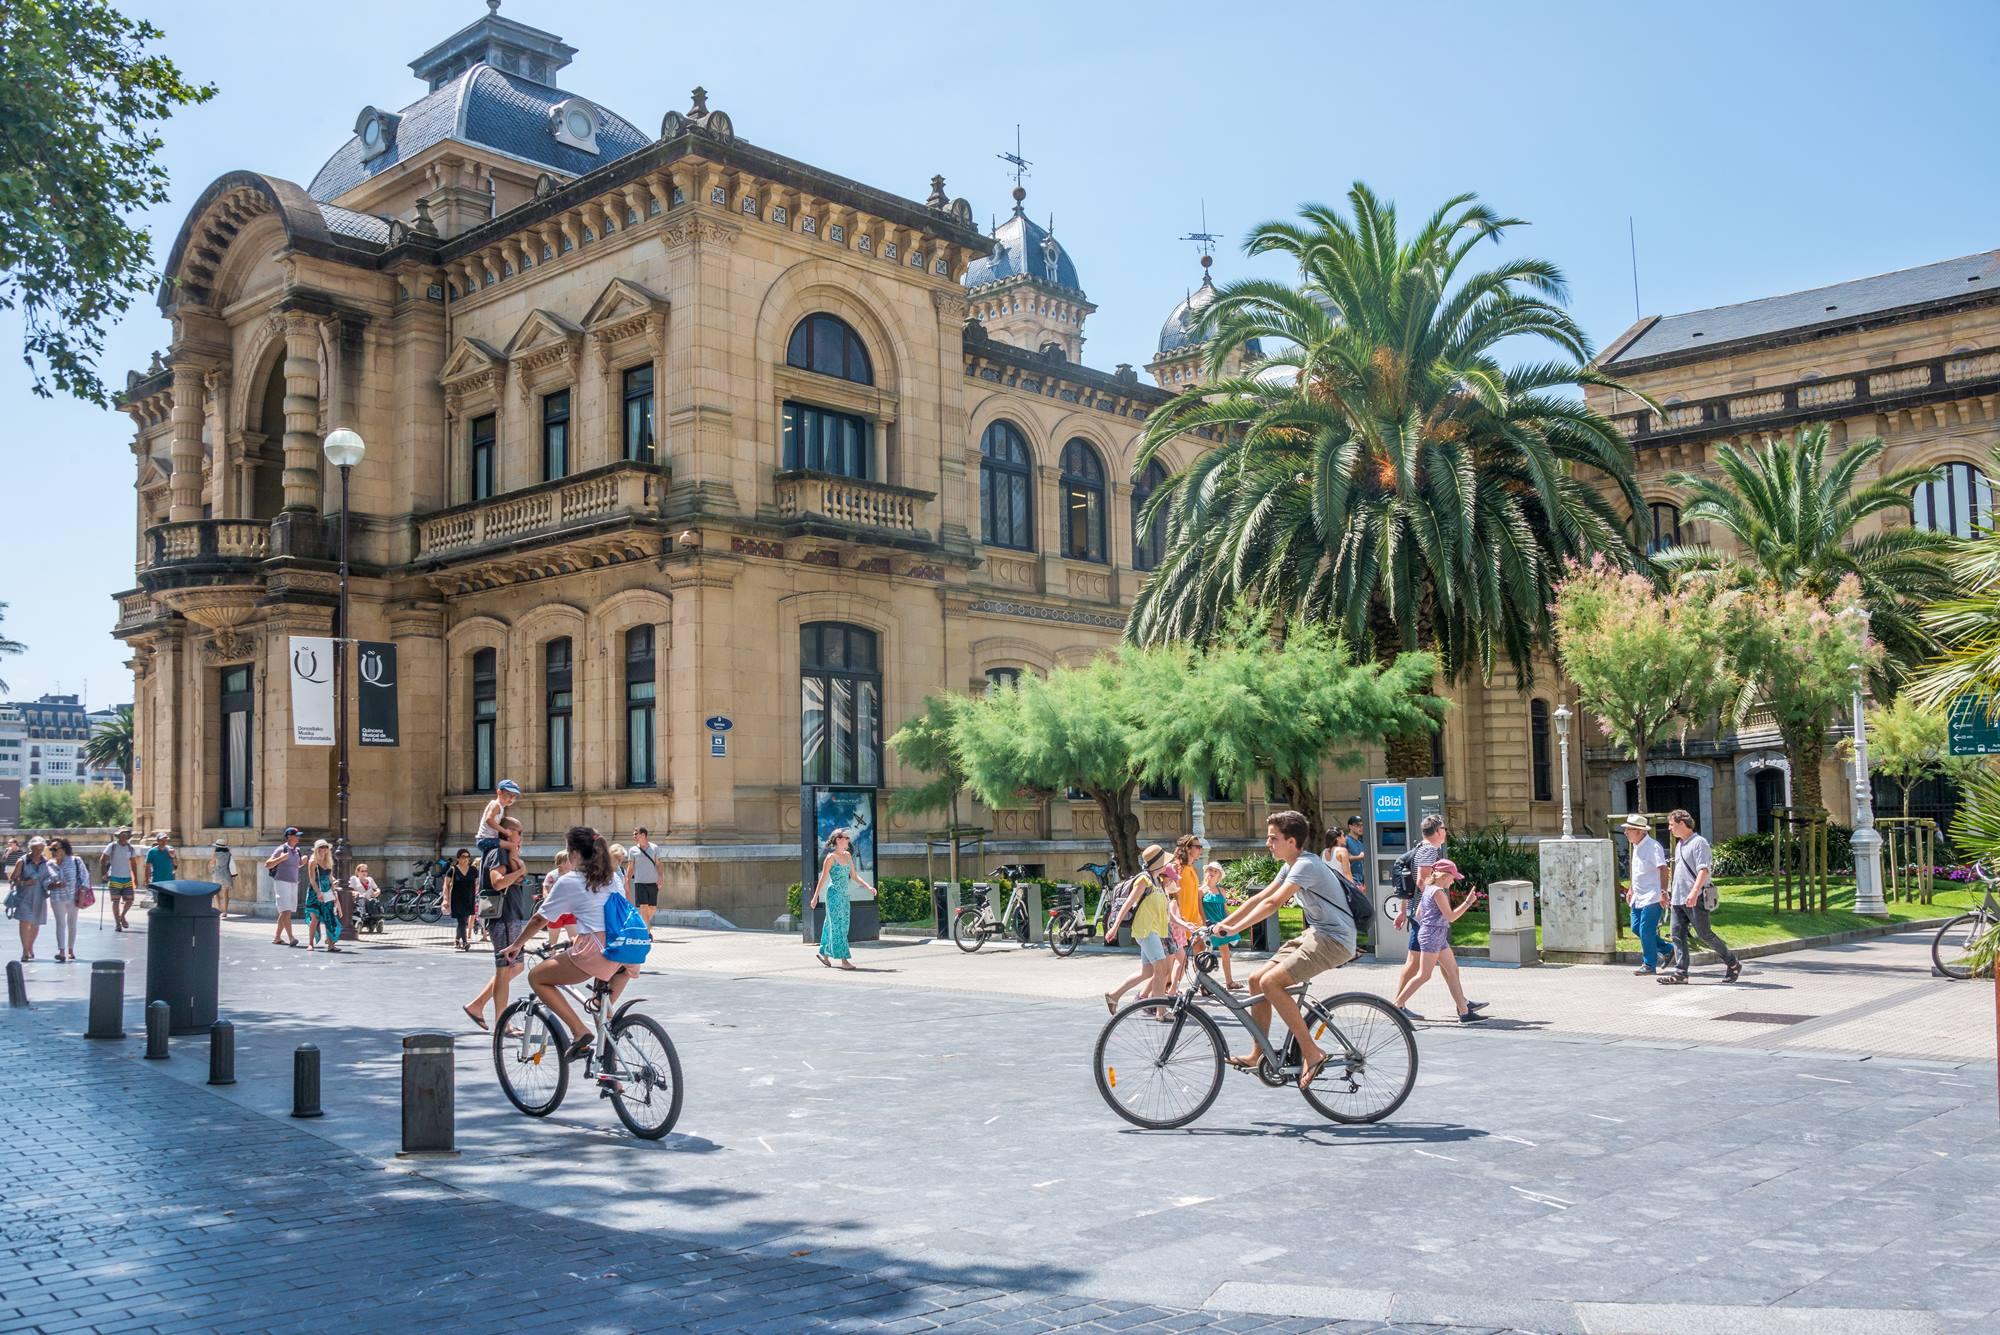 El Ayuntamiento es una de las construcciones más imponentes de San Sebastián. Foto: Shutterstock